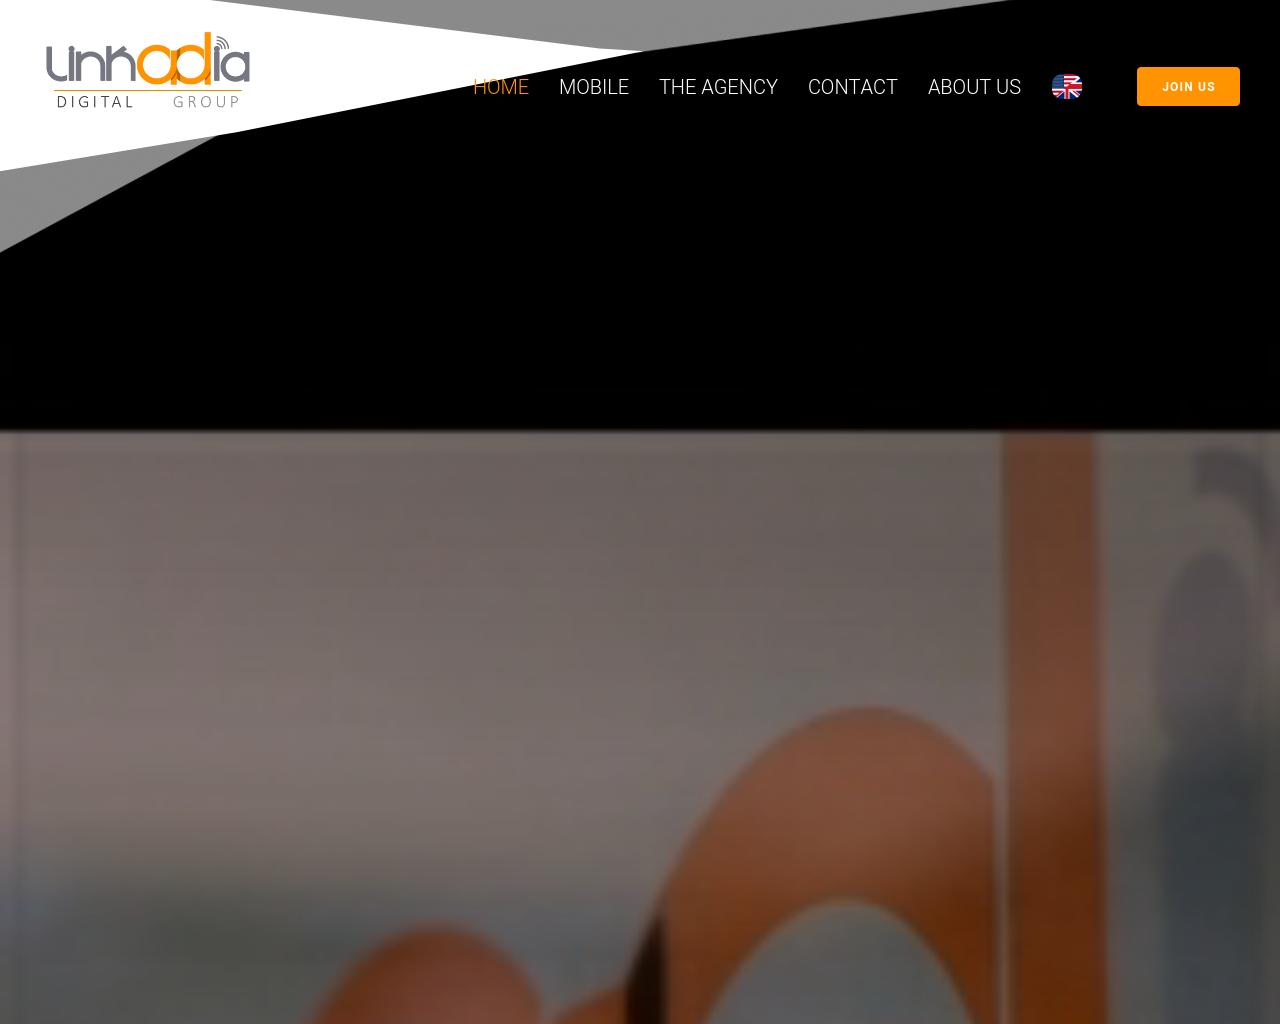 Linkadia-Advertising-Reviews-Pricing